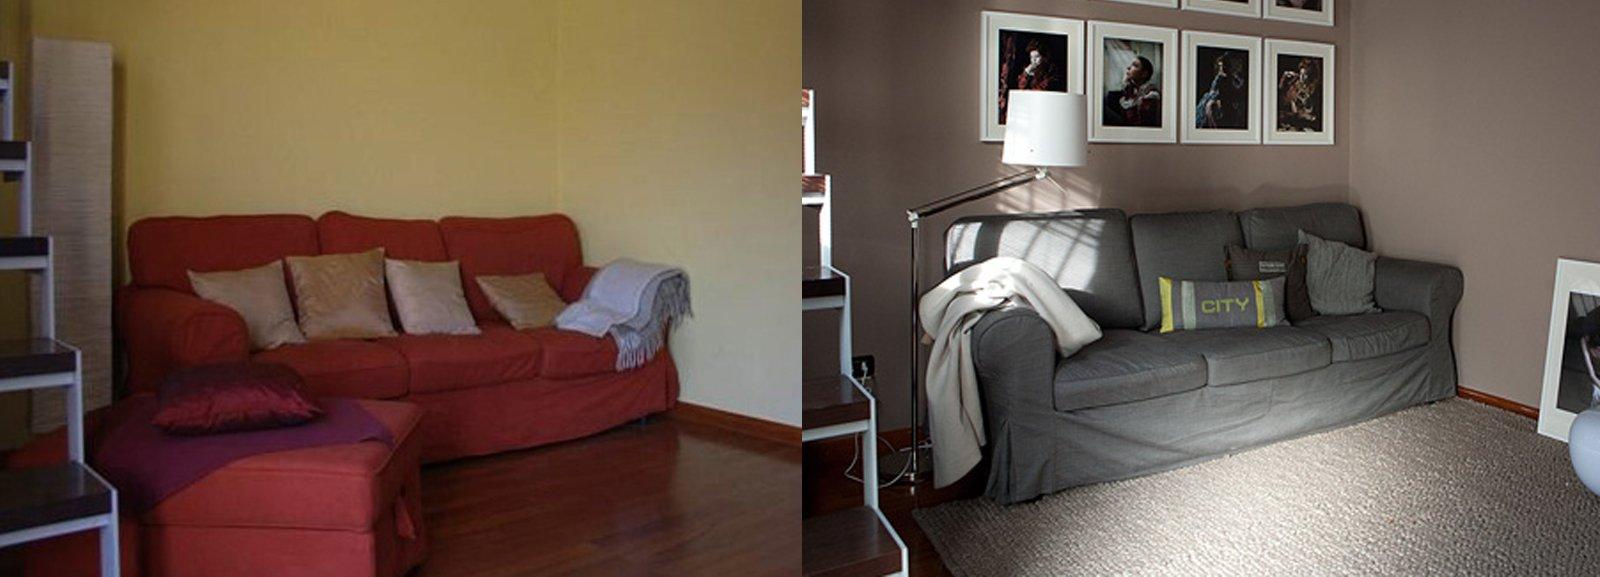 Soggiorno restyling spendendo poco cose di casa for Consigli architetto